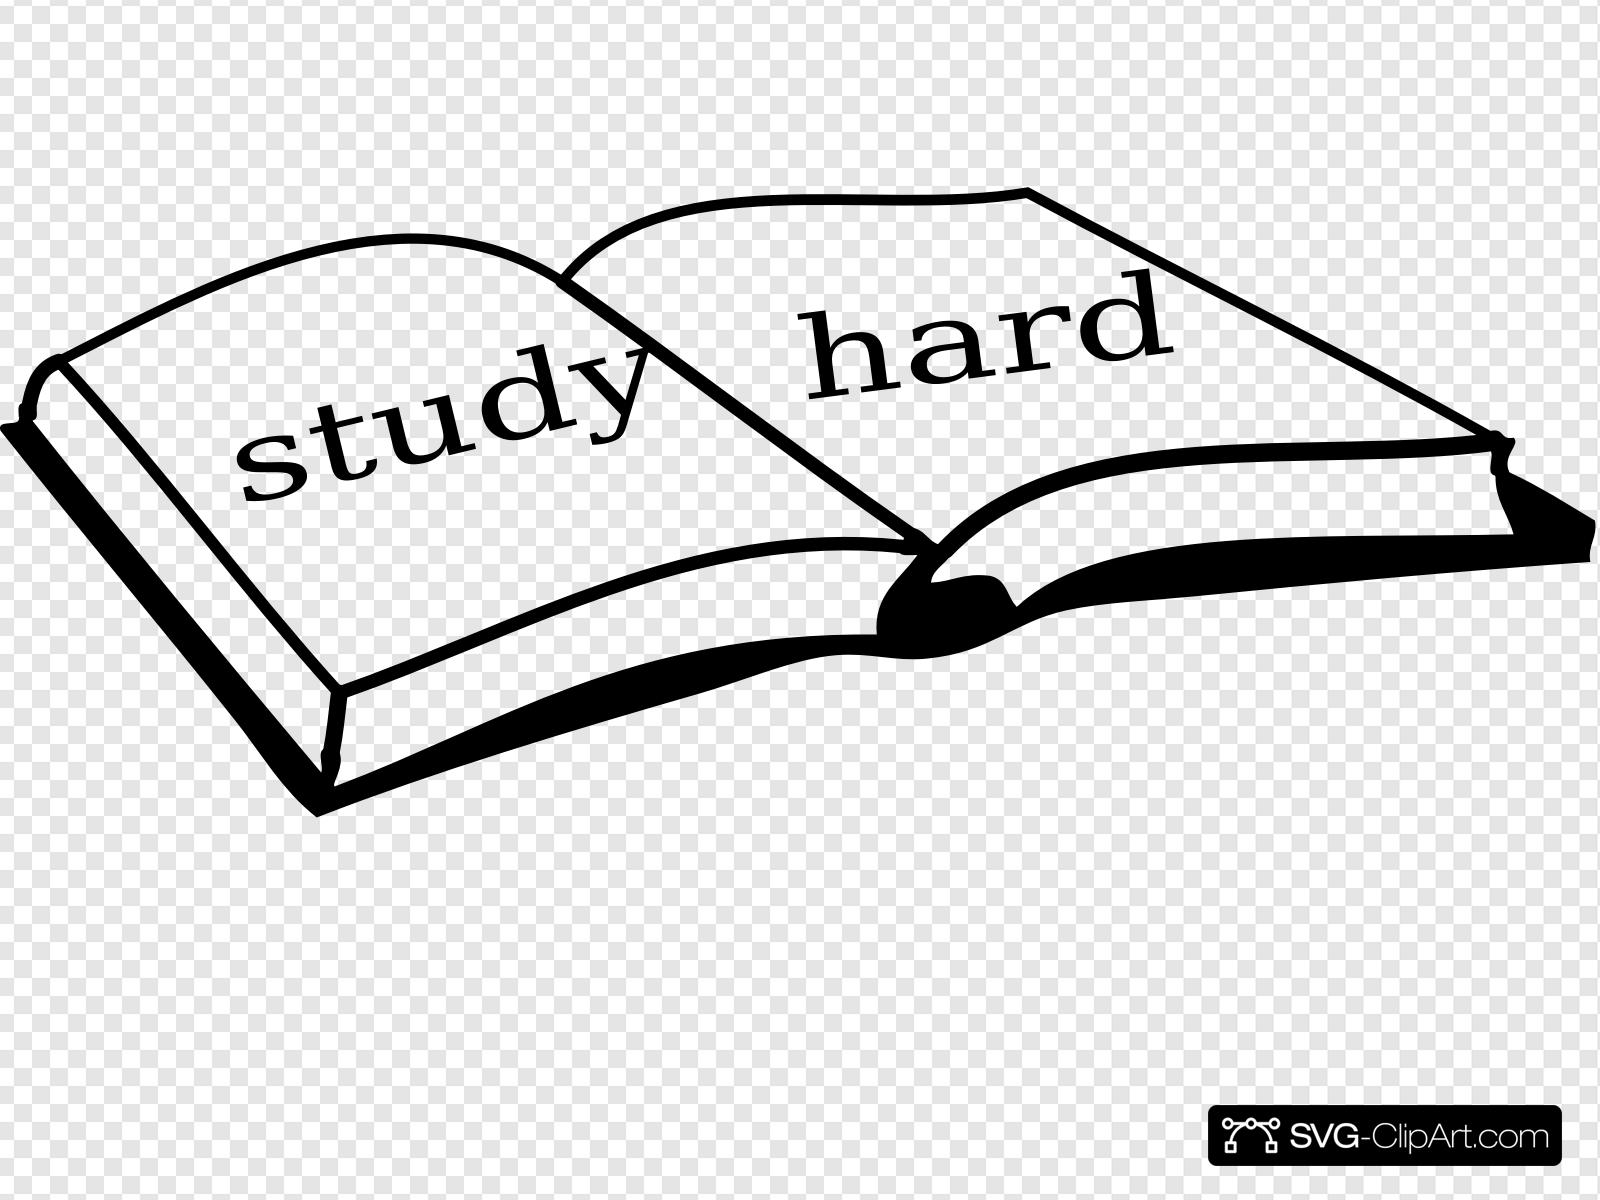 Hard clip art icon. Study clipart svg